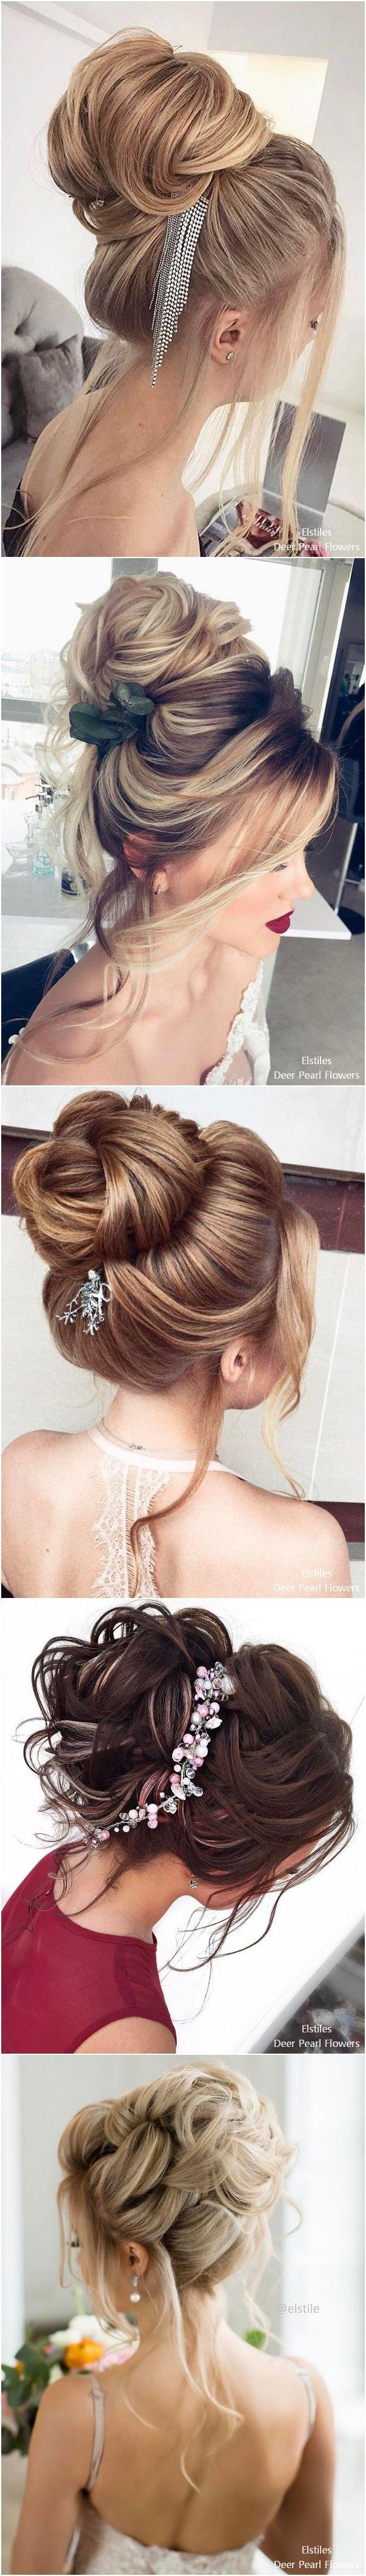 30 Elstile Long Wedding Hairstyles and Updos #wedding #weddingideas #hairstyles #elstile  #weddingupdos http://www.deerpearlflowers.com/elstile-long-wedding-hairstyles-and-updos/